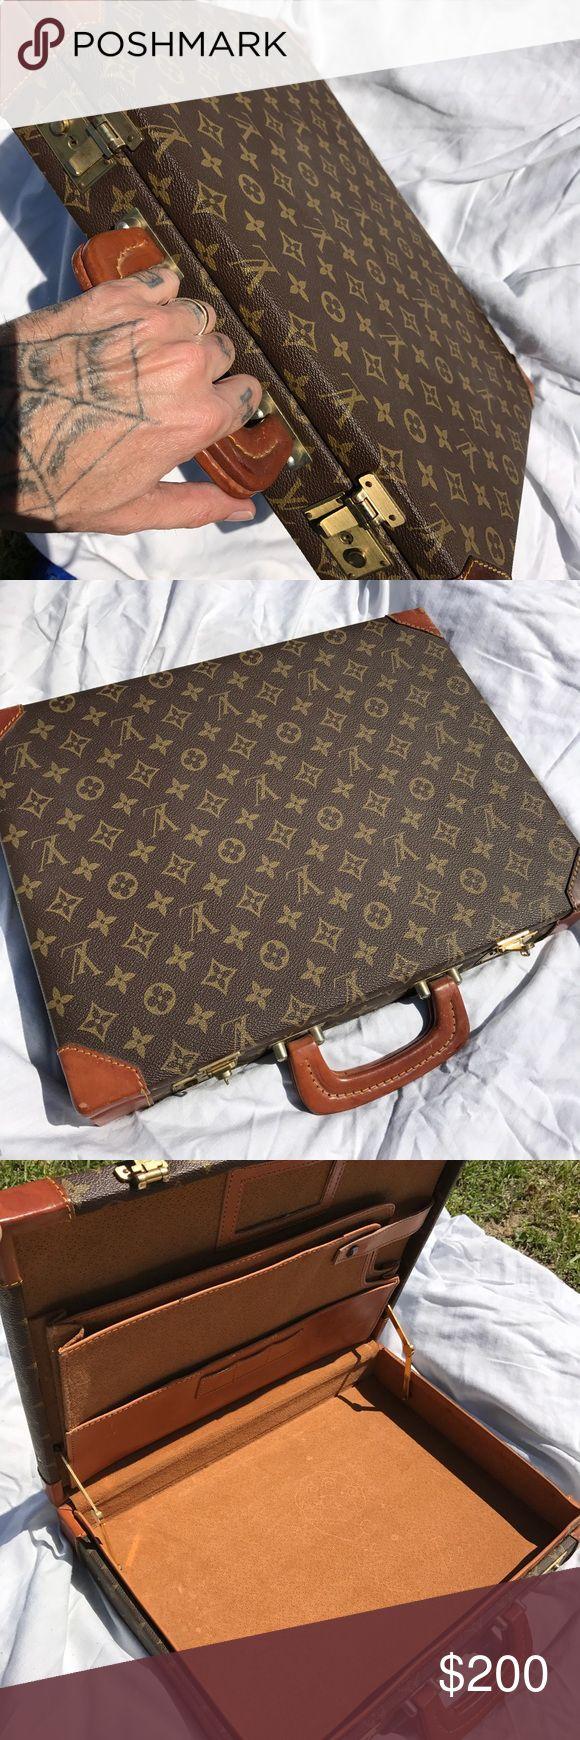 Louis Vuitton briefcase Antique Pure leather Louis Vuitton Accessories